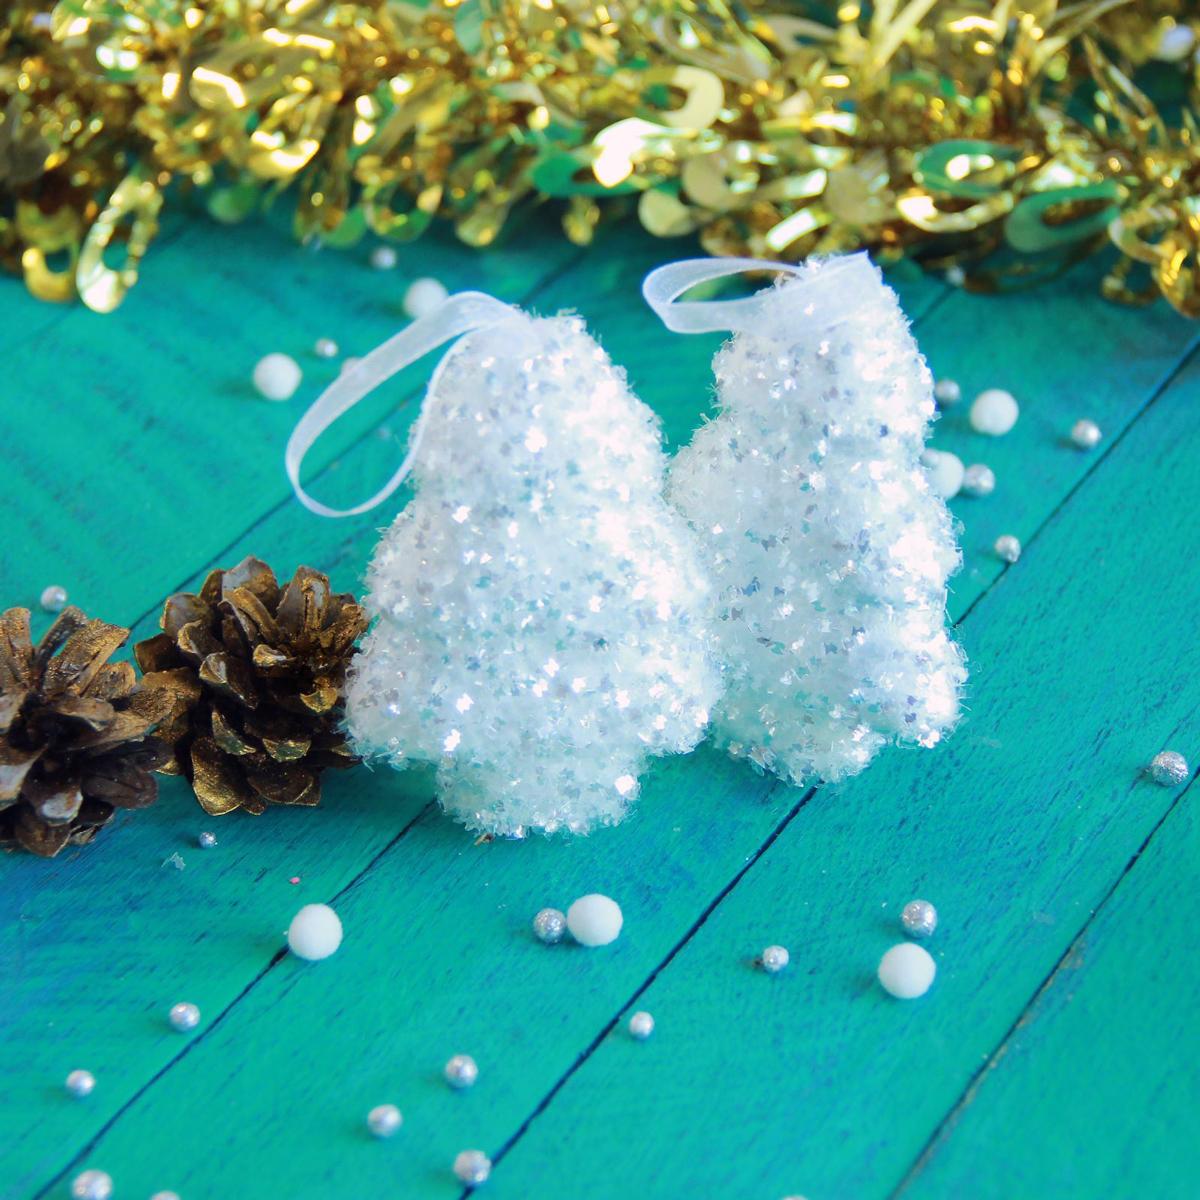 Набор новогодних подвесных украшений Елки пушистые, 5 х 8 см, 6 шт2371343Набор новогодних подвесных украшений отлично подойдет для декорации вашего дома и новогодней ели. С помощью специальной петельки украшение можно повесить в любом понравившемся вам месте. Но, конечно, удачнее всего оно будет смотреться на праздничной елке.Елочная игрушка - символ Нового года. Она несет в себе волшебство и красоту праздника. Такое украшение создаст в вашем доме атмосферу праздника, веселья и радости.